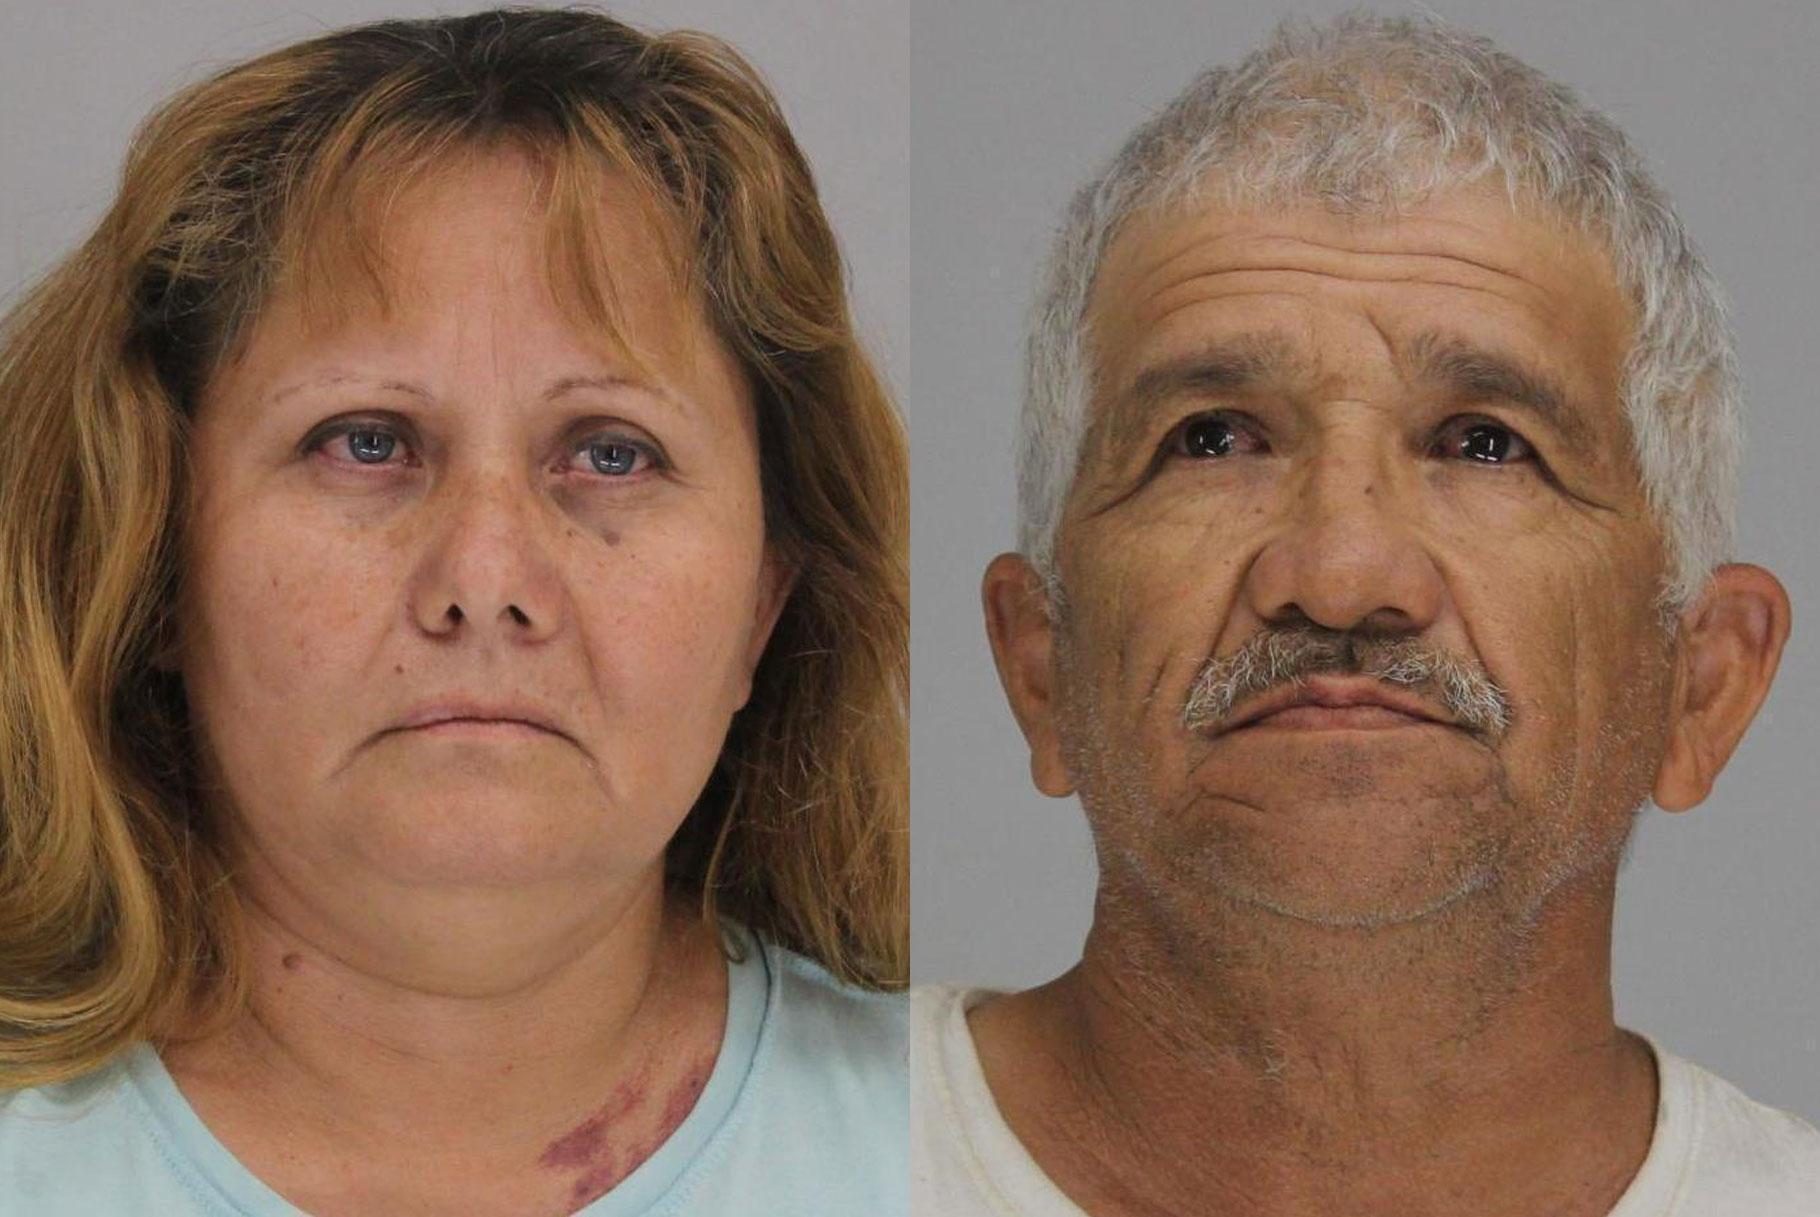 Una pareja de Texas presuntamente encerró a un niño de 6 años en un cobertizo con ratas y le ató las manos con cordones de zapatos